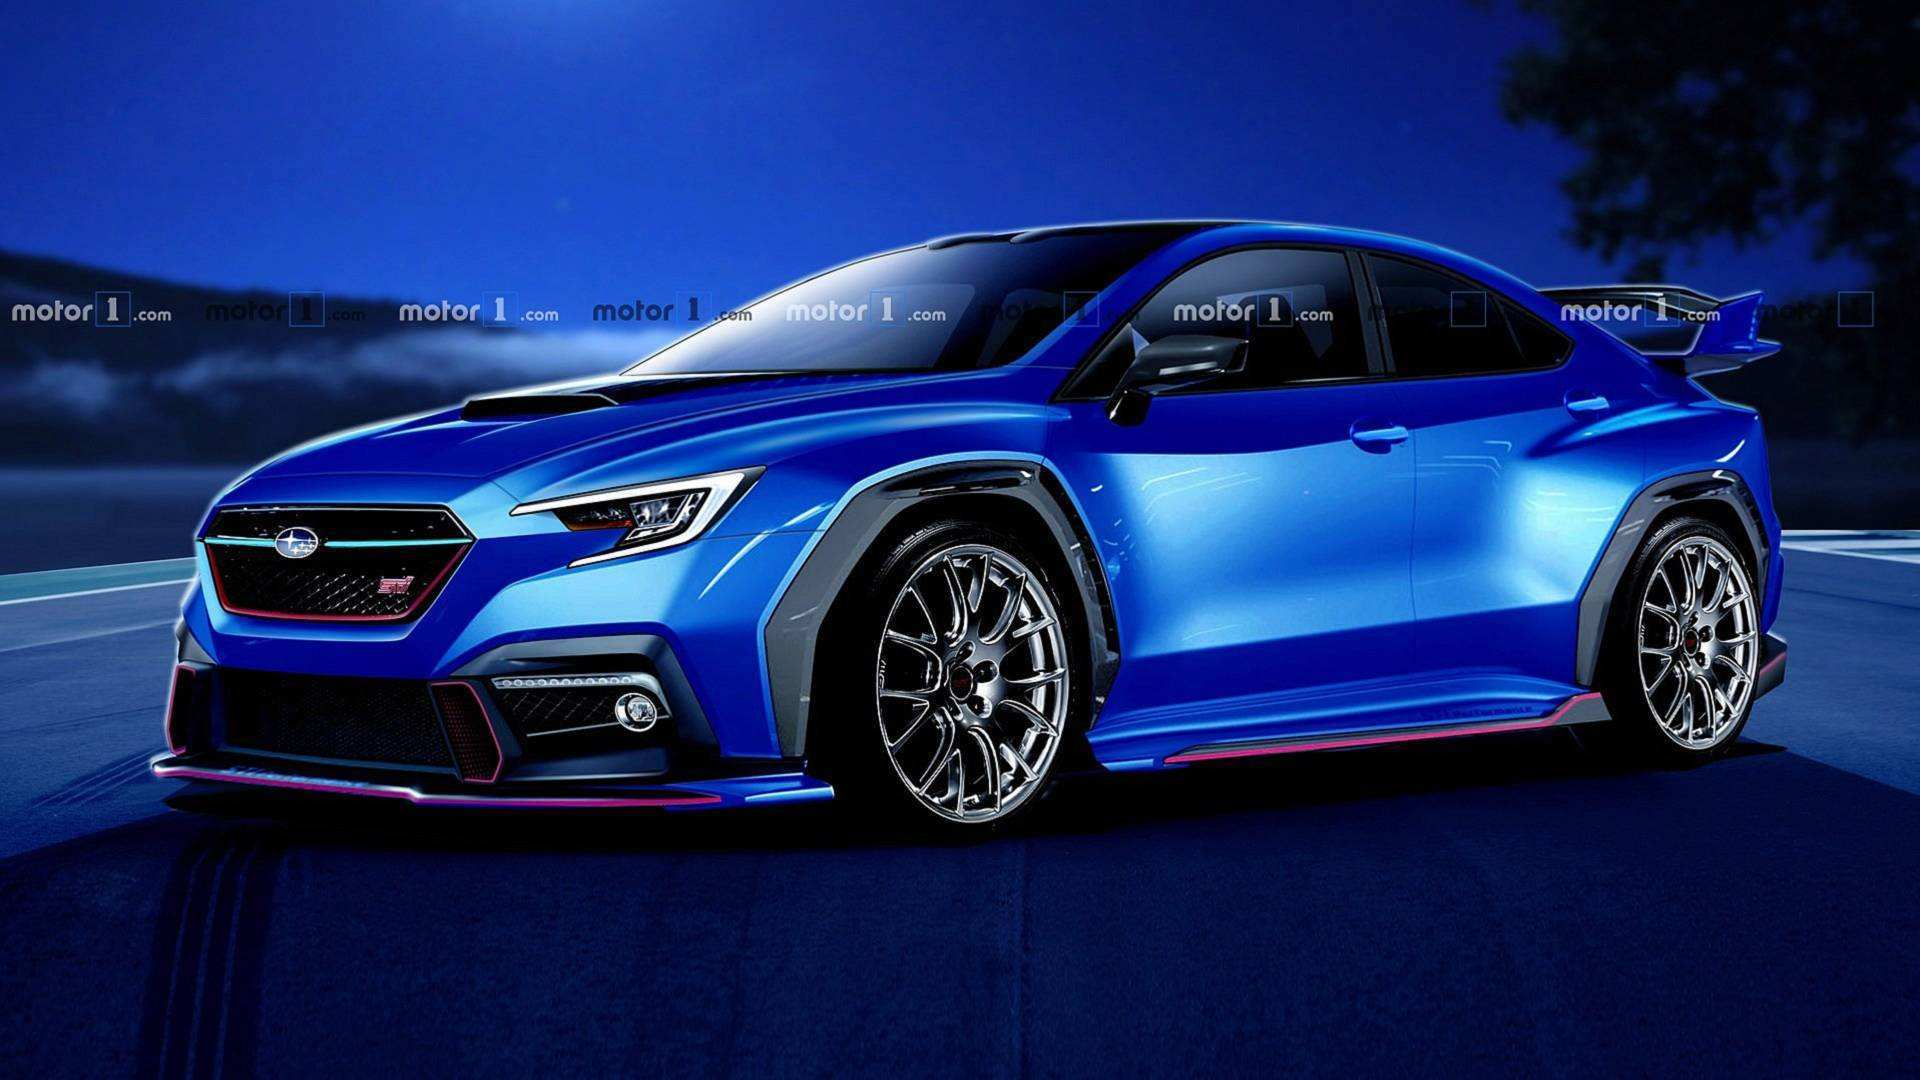 89 Best Review Subaru Sti 2020 Photos for Subaru Sti 2020